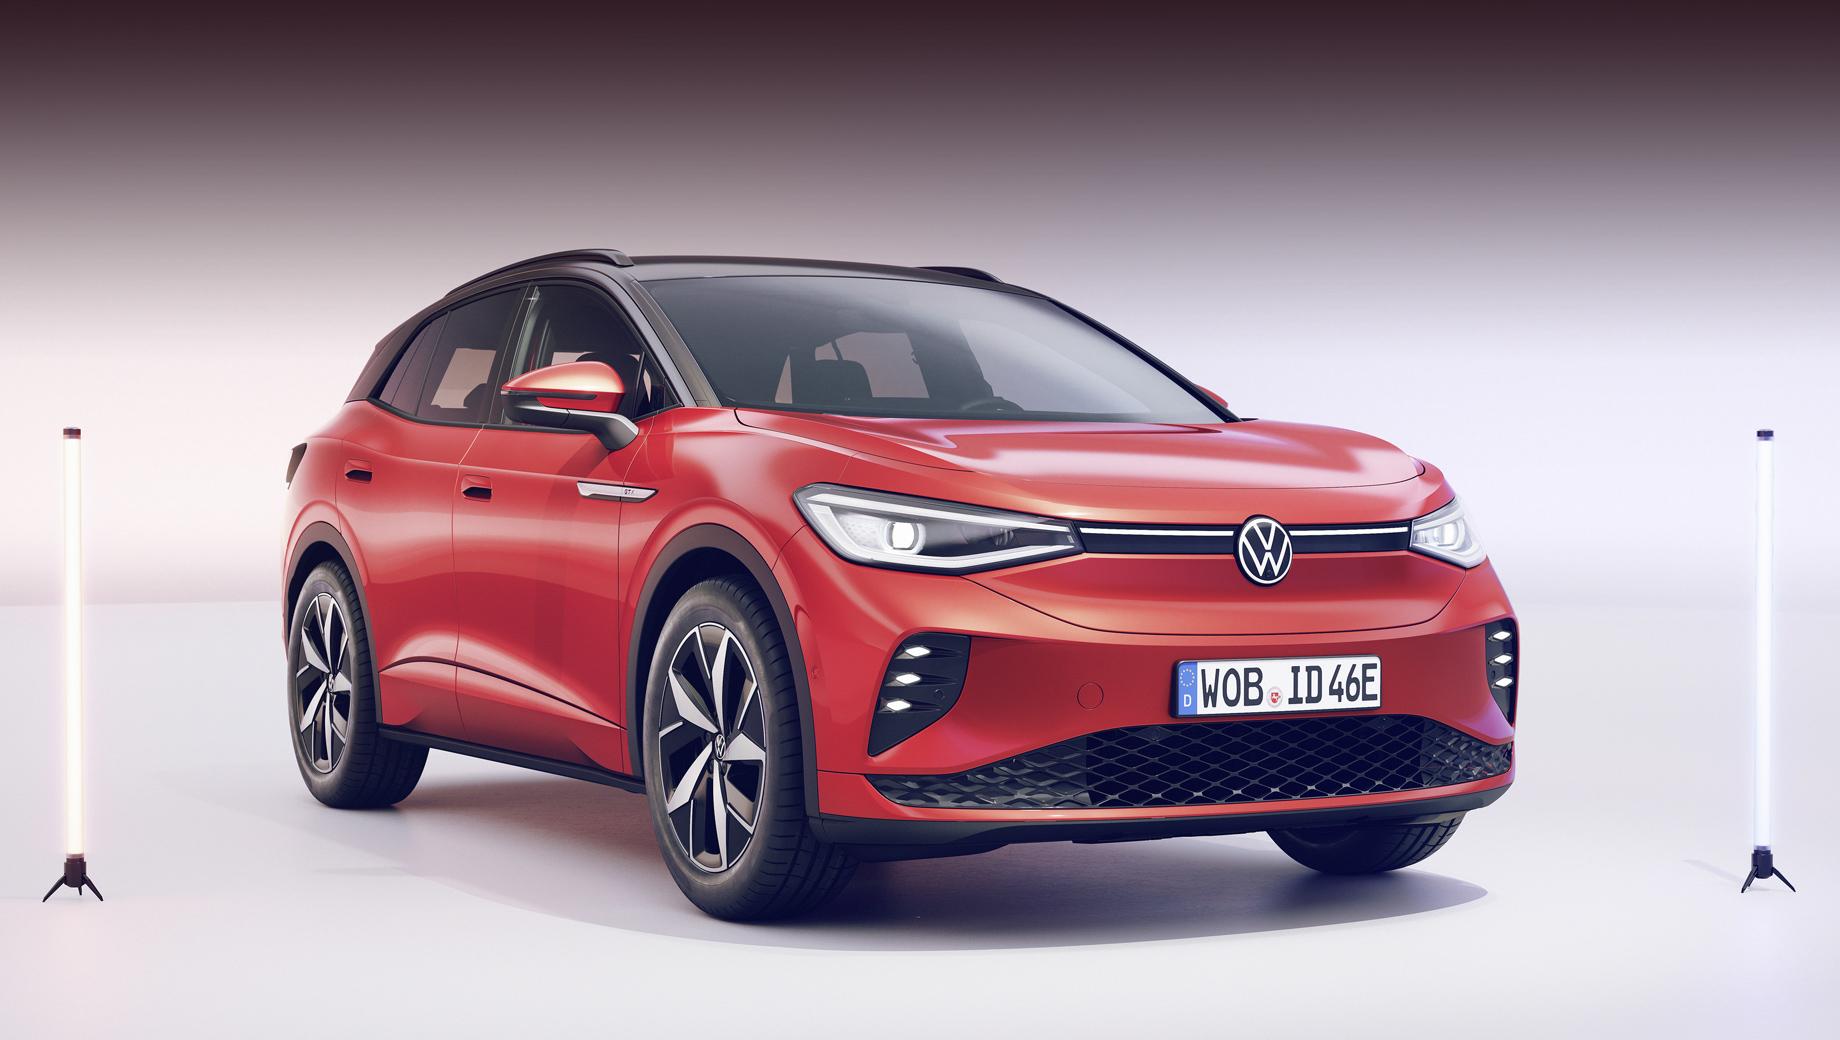 Volkswagen id 4,Volkswagen id 4 gtx. Внешне GTX почти копирует простой ID.4, но выделяется рядом дизайнерских штрихов вроде шестёрки сотовых ходовых огней в бампере, намекающих на стилистическую связь с Гольфом GTI.